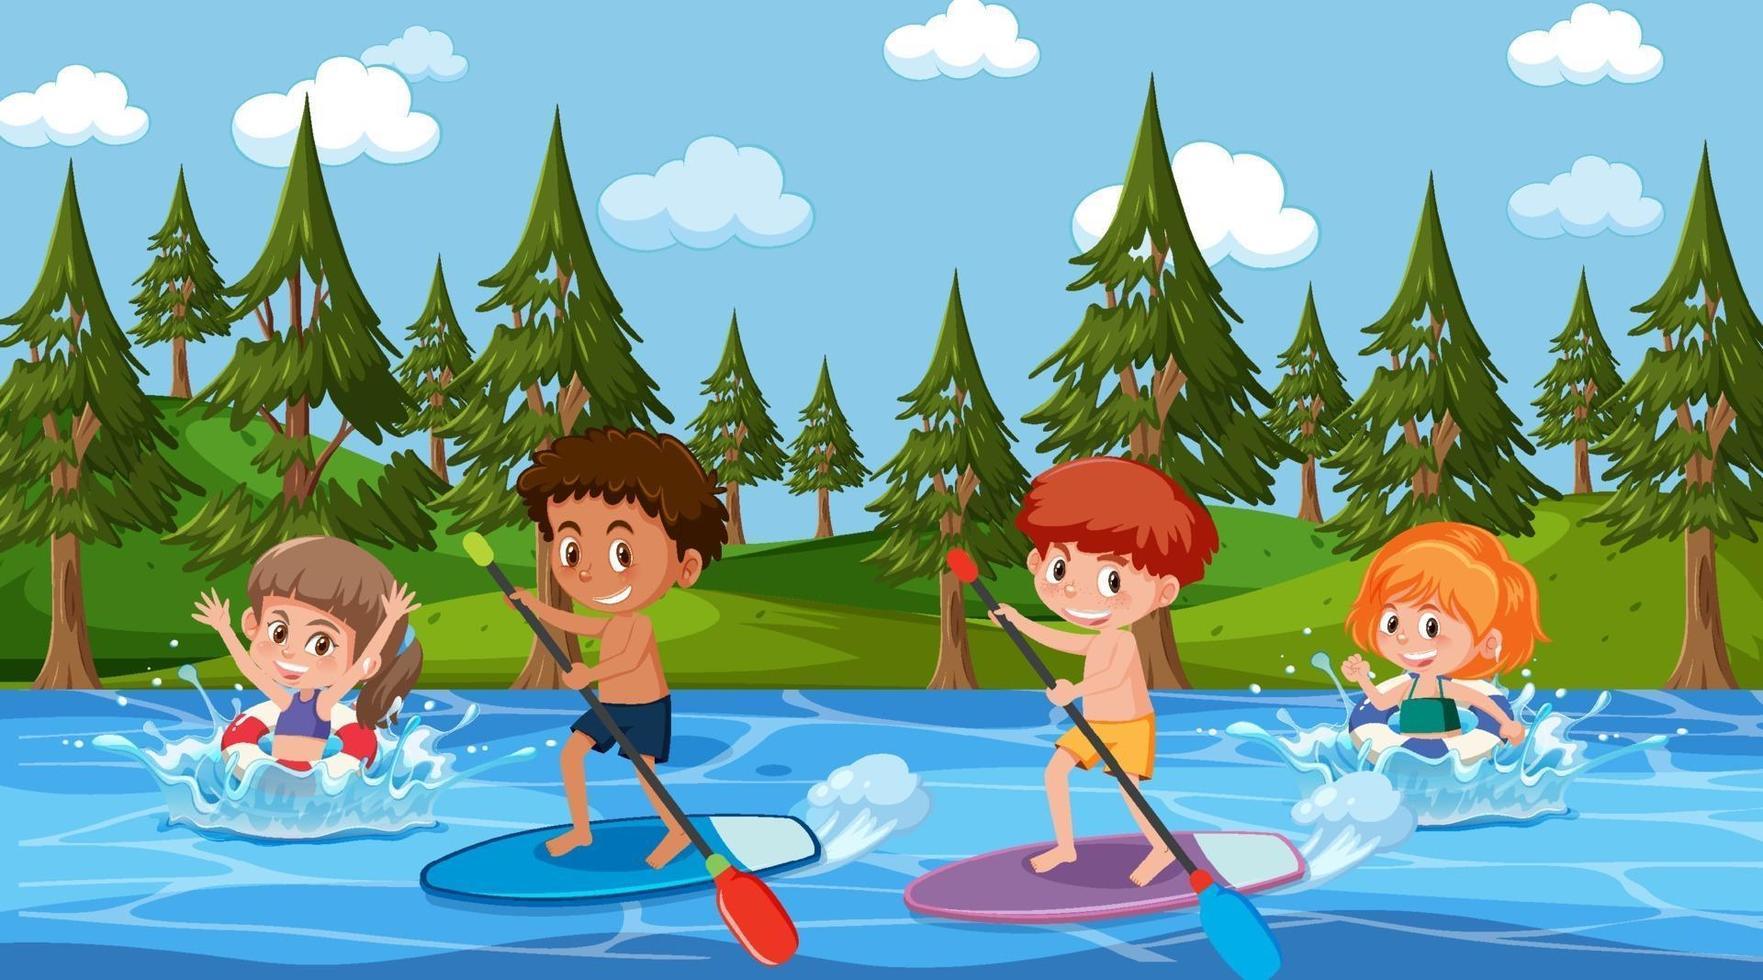 bosscène met kinderen op surfplank in de rivier vector